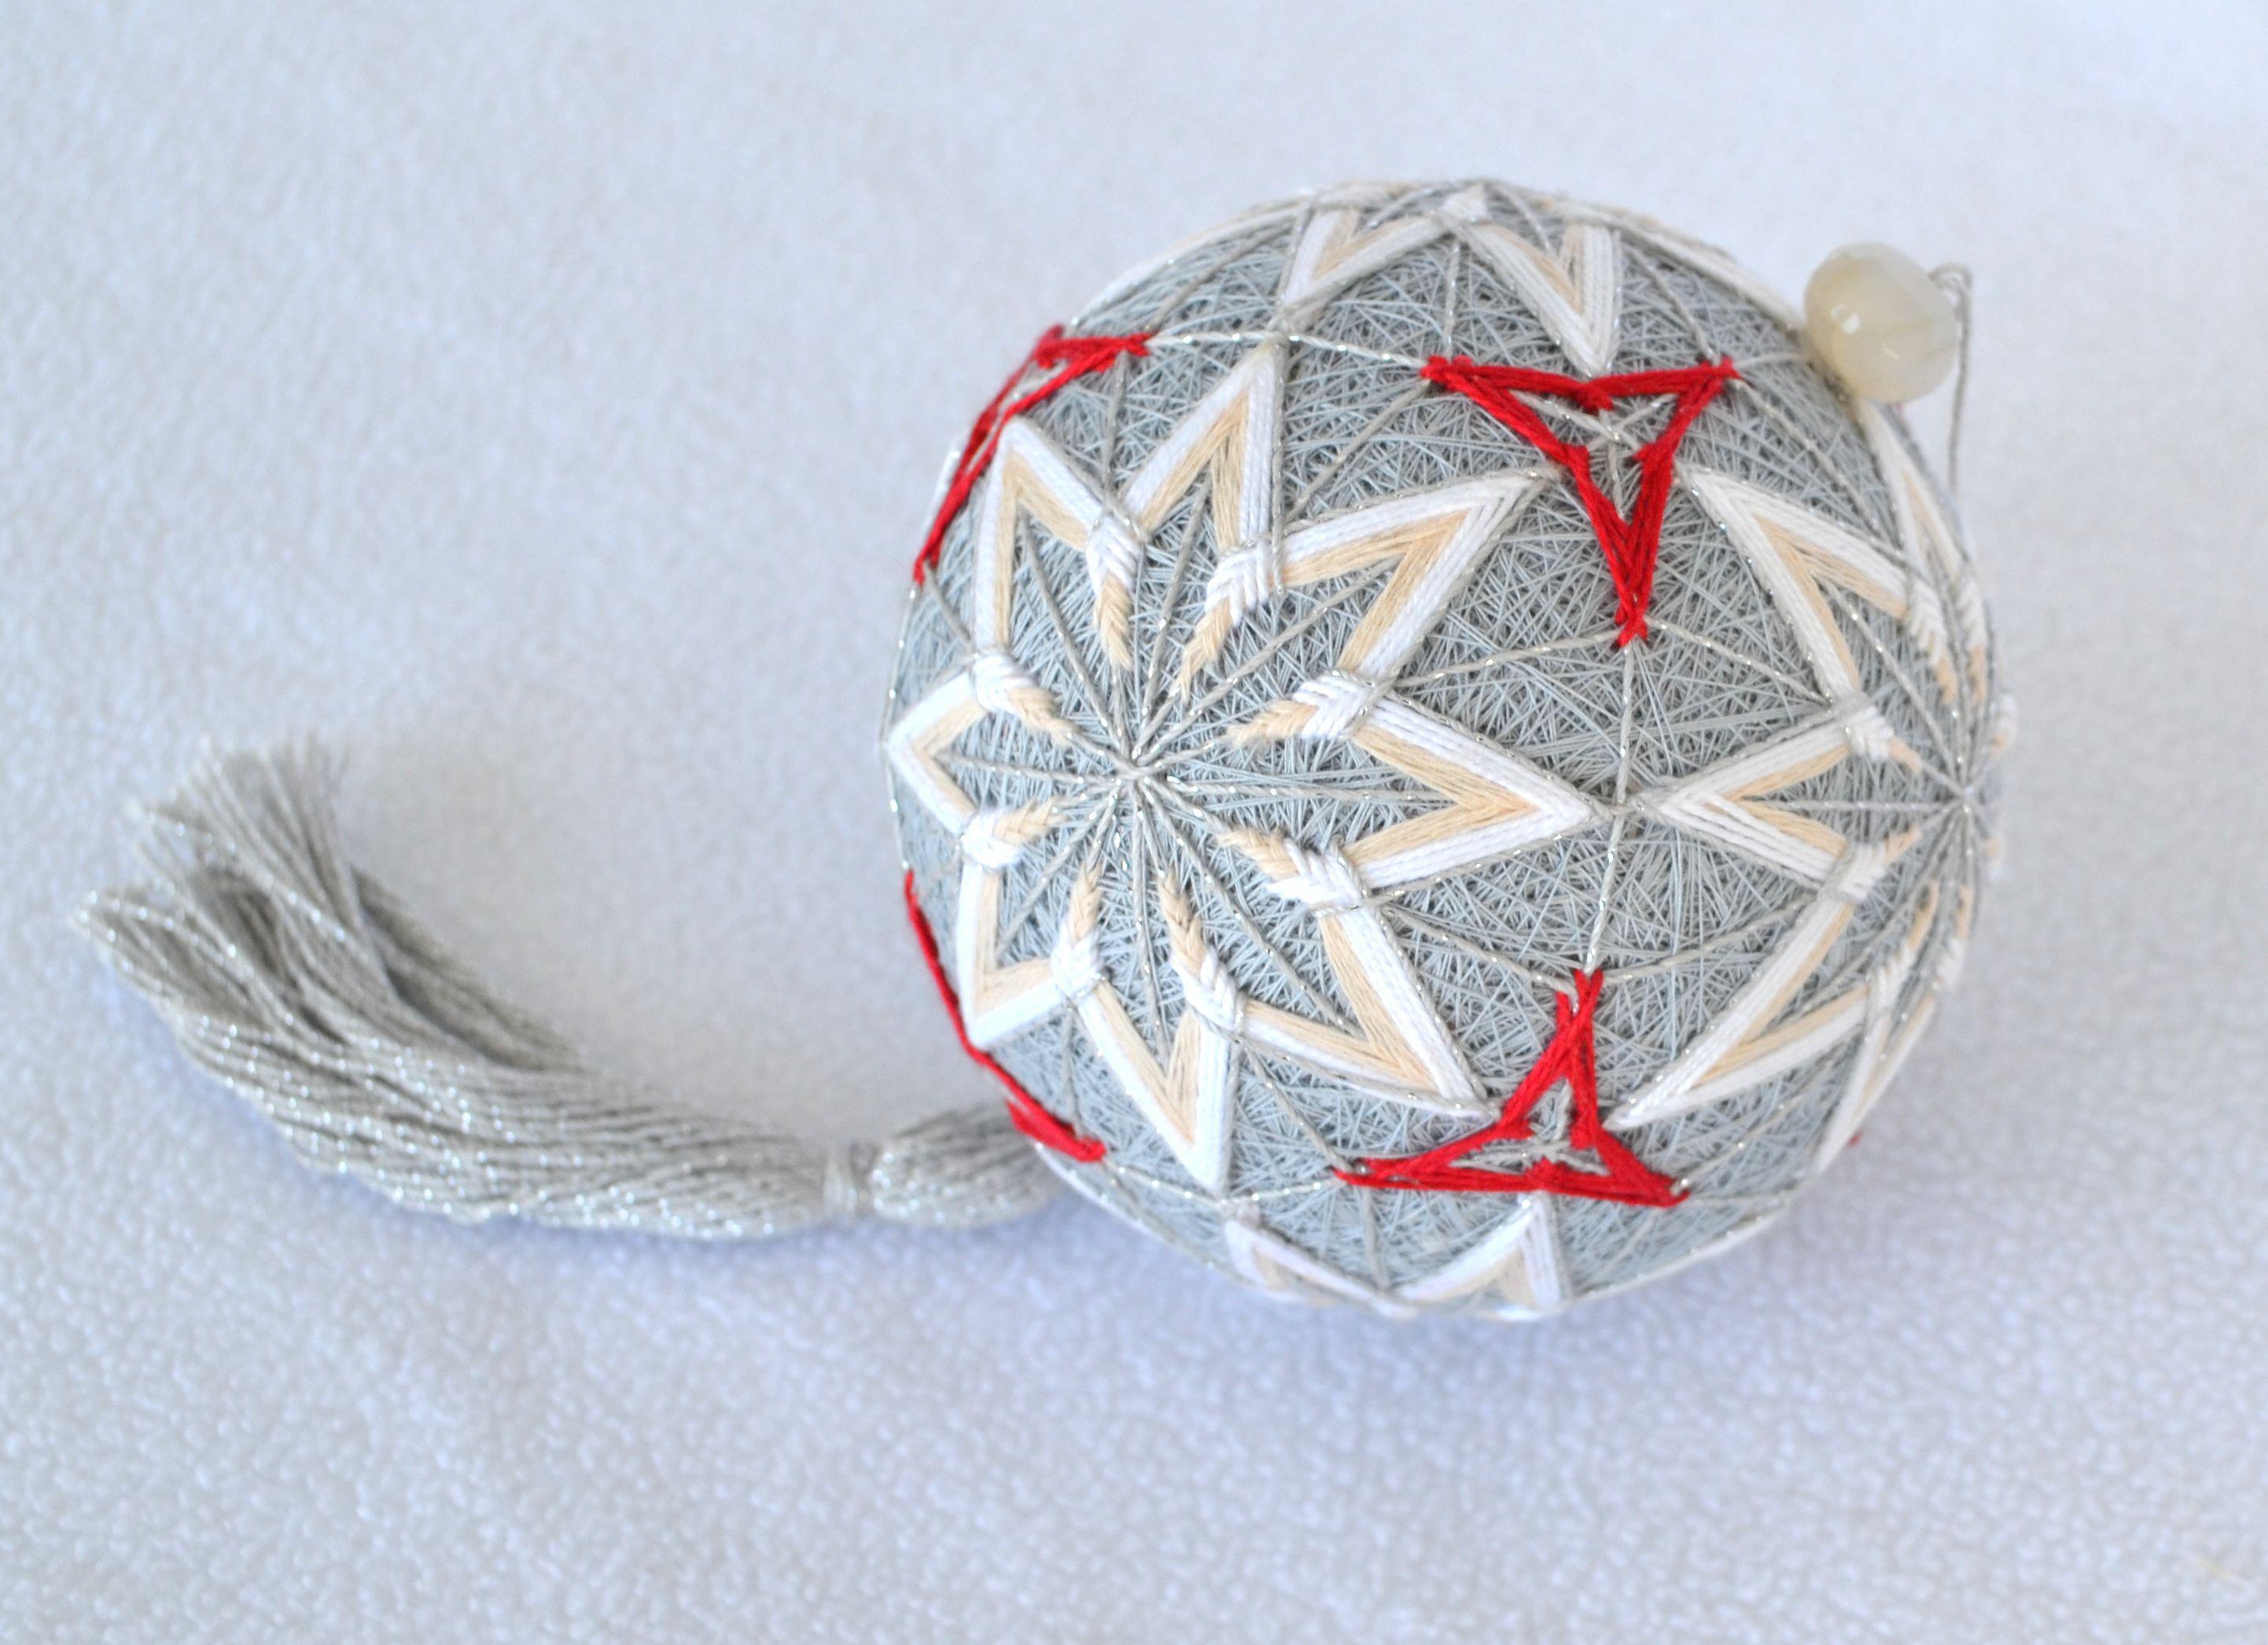 дома китай машину япония вышитый декорация украшение ручная декор сувенир в восточный работа интерьерный подарок